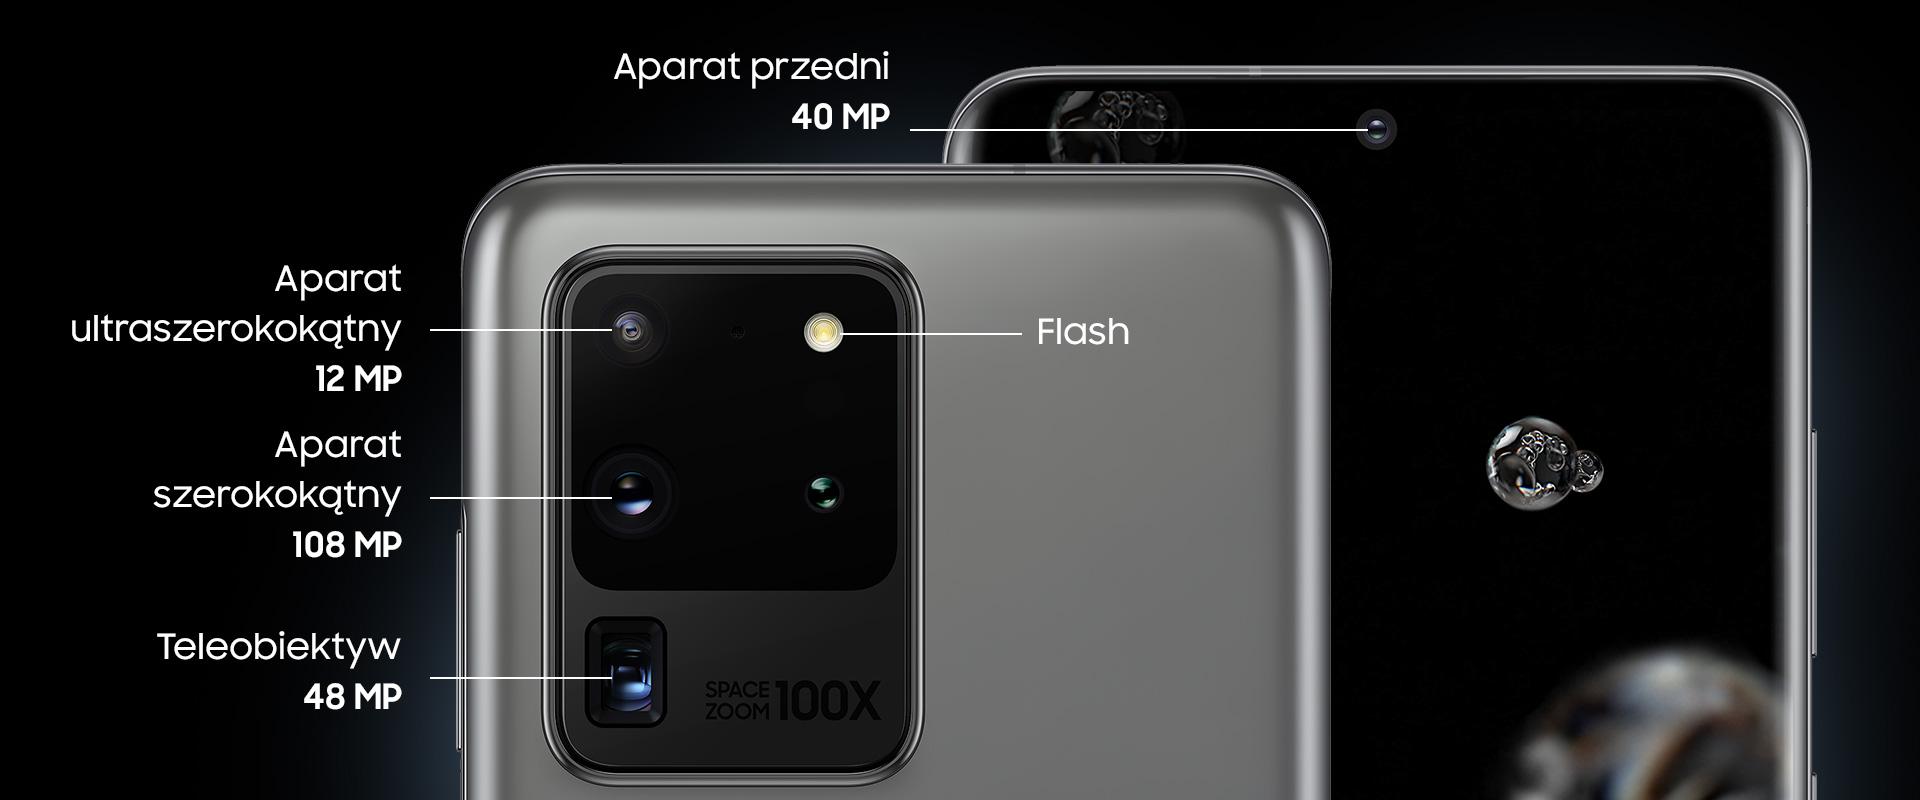 Samsung Galaxy S20 Ultra 5G Obiektyw 1920px